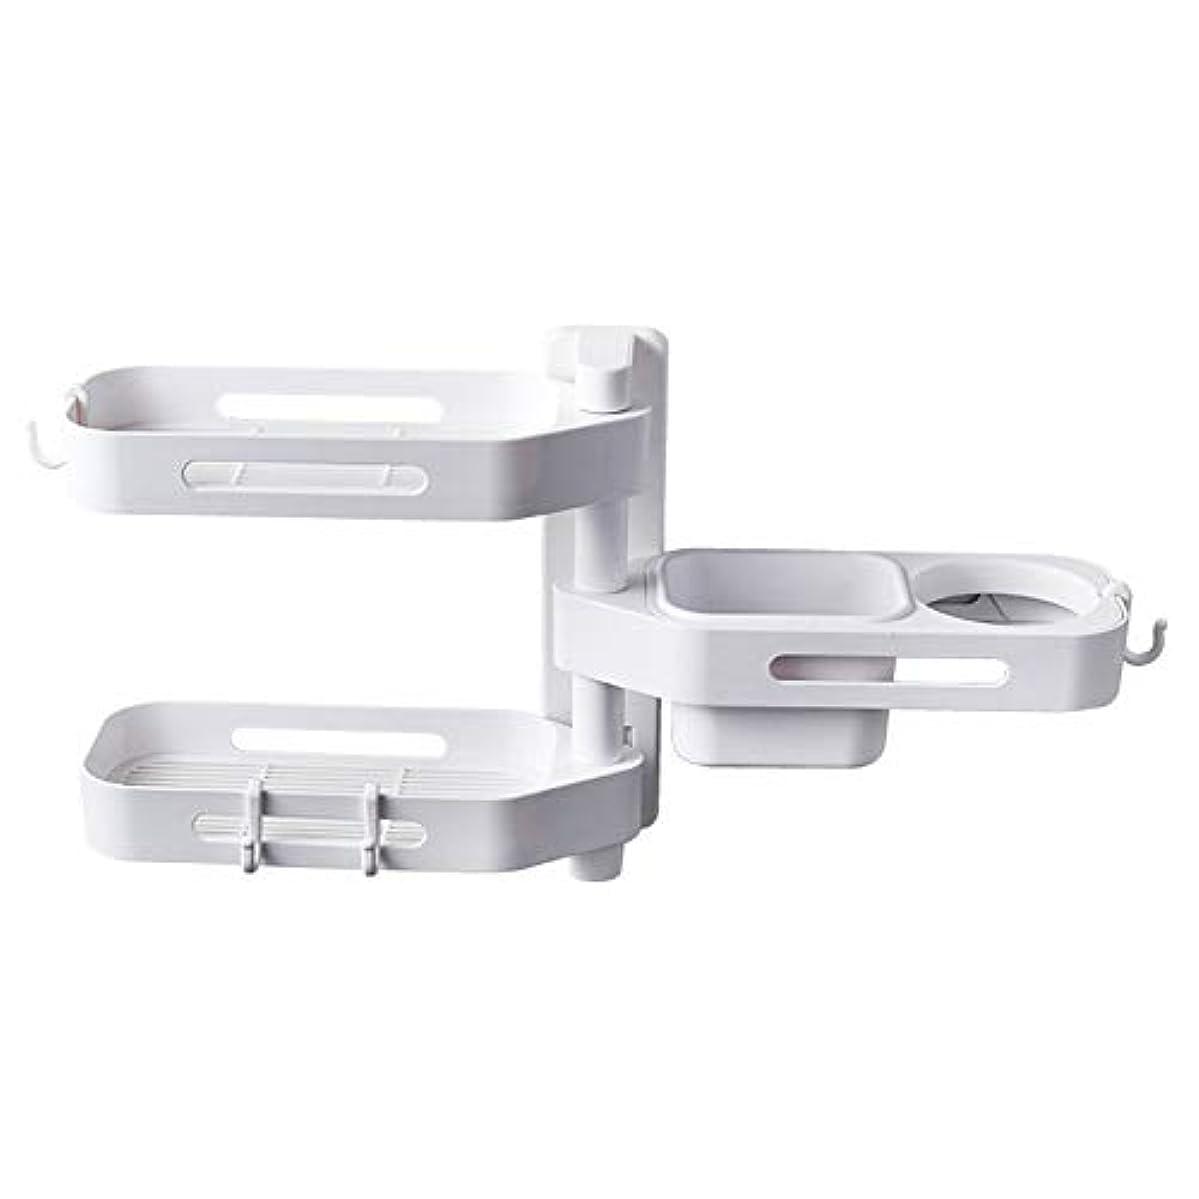 相互テレビイサカCoolTack 3層ソープトレイプラスチック取り外し可能な収納オーガナイザーを回転させるソープディッシュ接着剤ホルダー